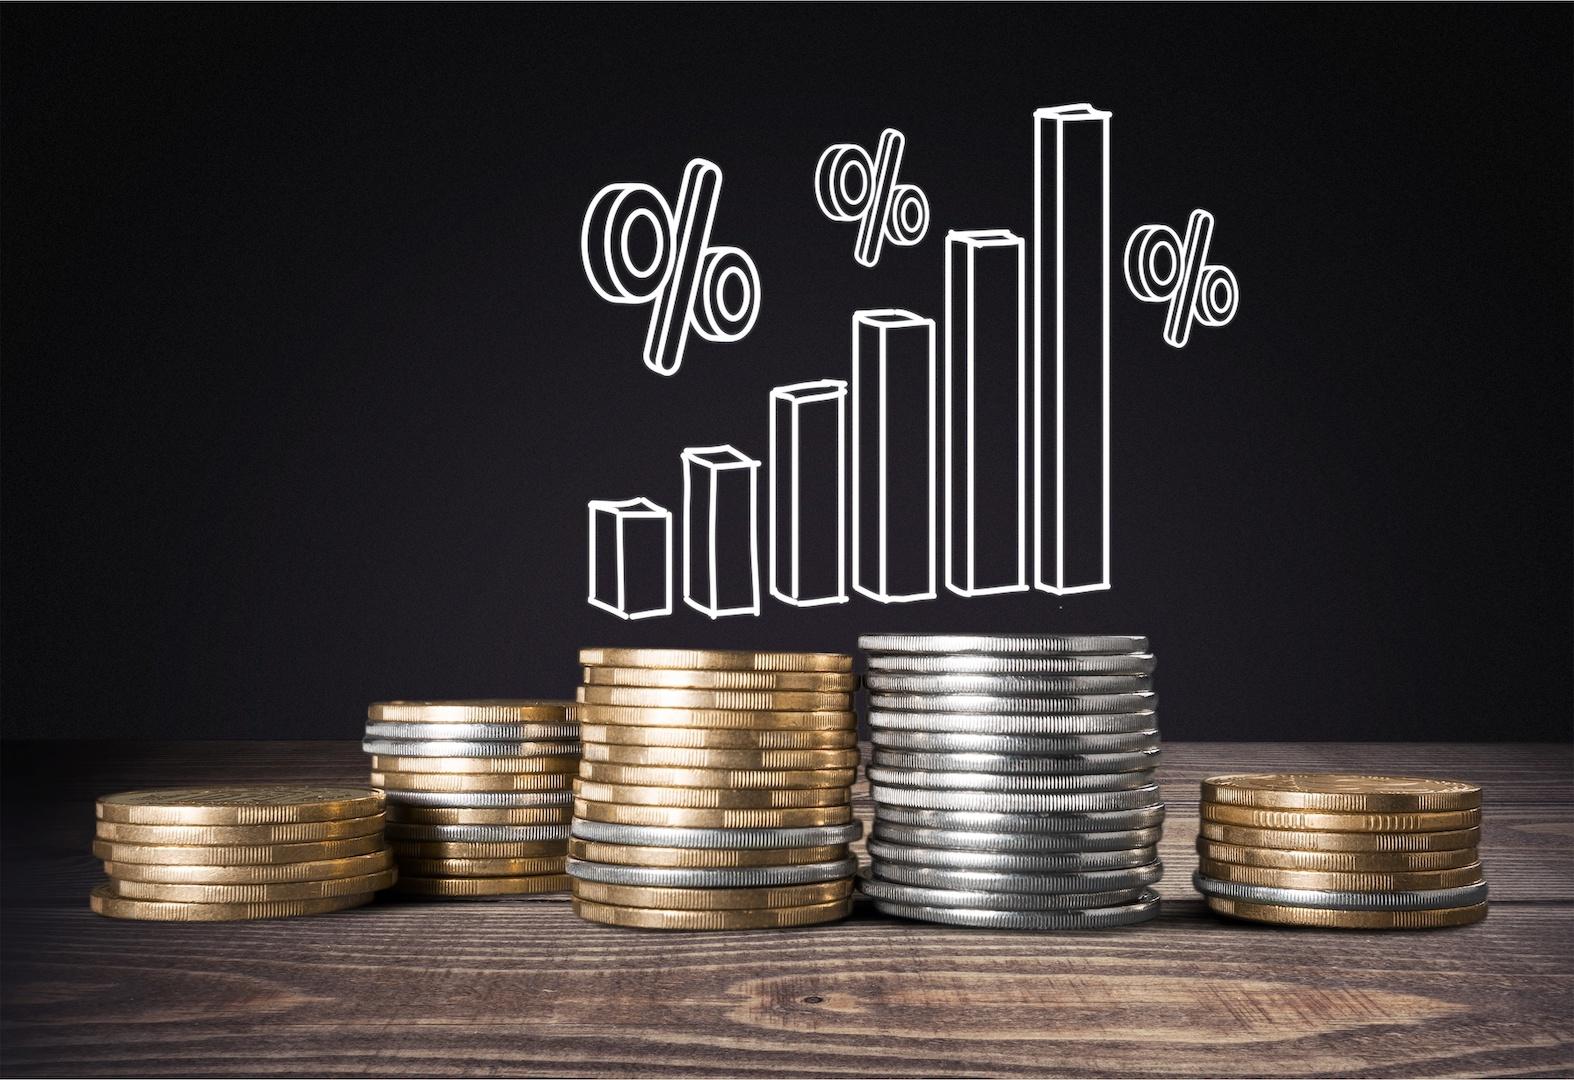 変動金利と固定金利はどちらを選ぶ?